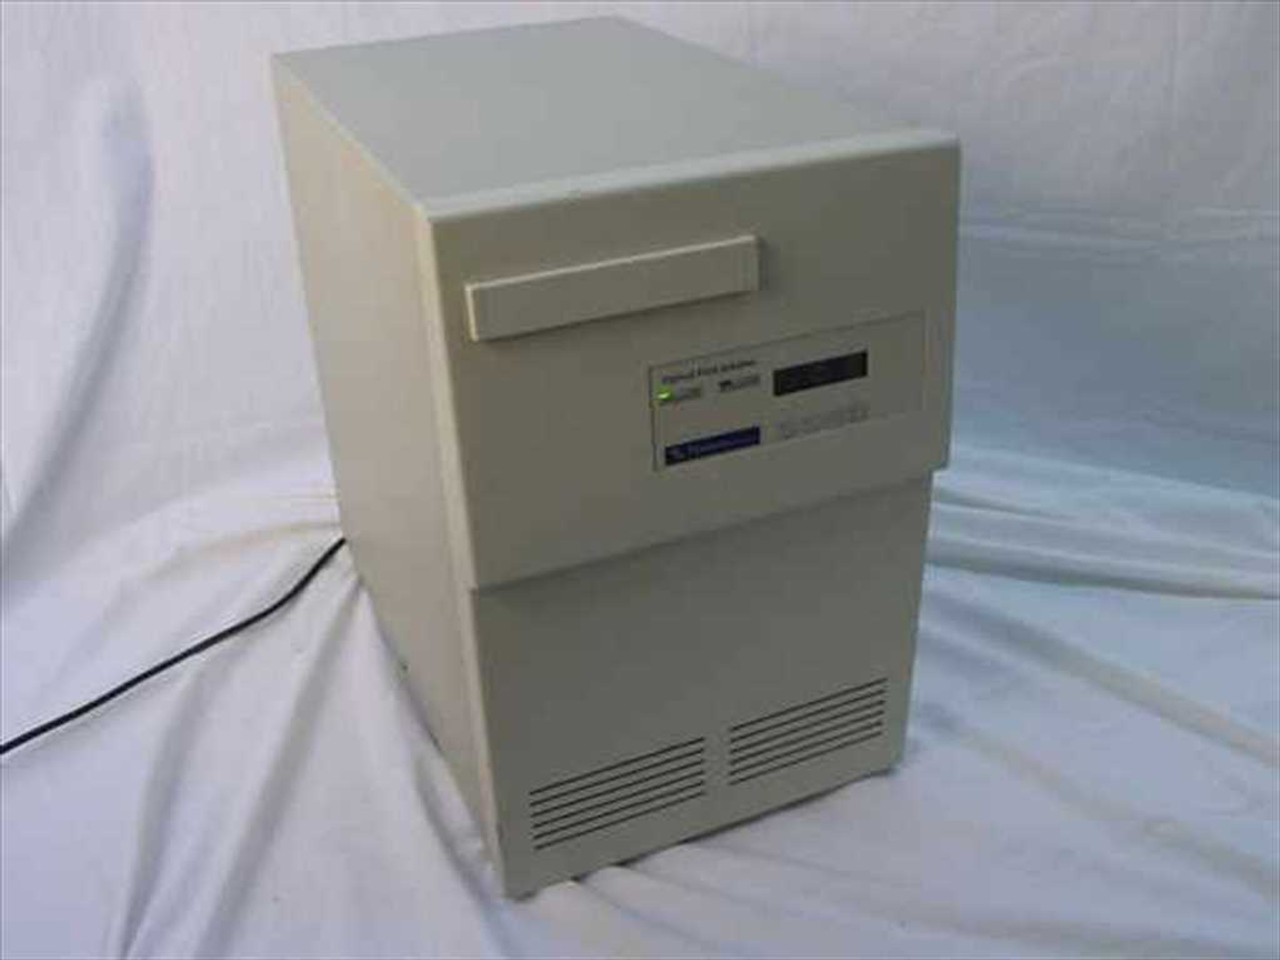 Plasmon 555700-000 Optical Jukebox ...